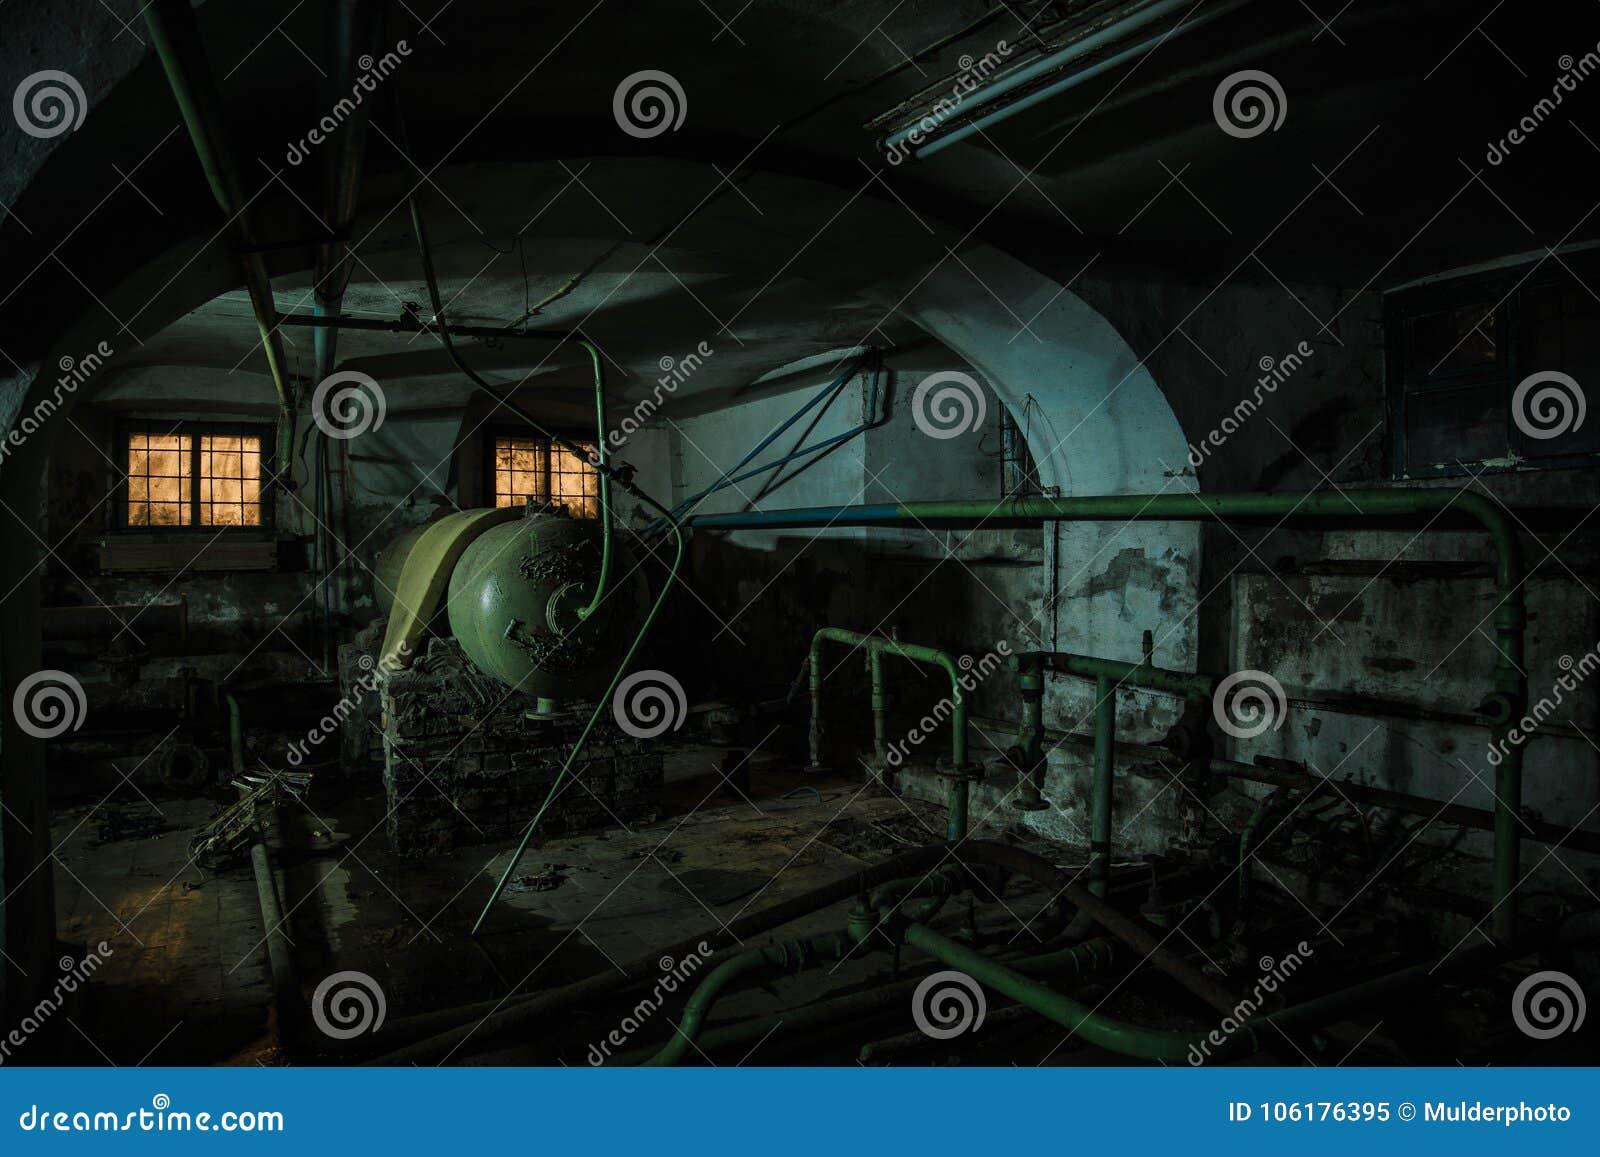 Sótano espeluznante viejo del asilo abandonado Caldera putrefacta vieja, tubos de calefacción